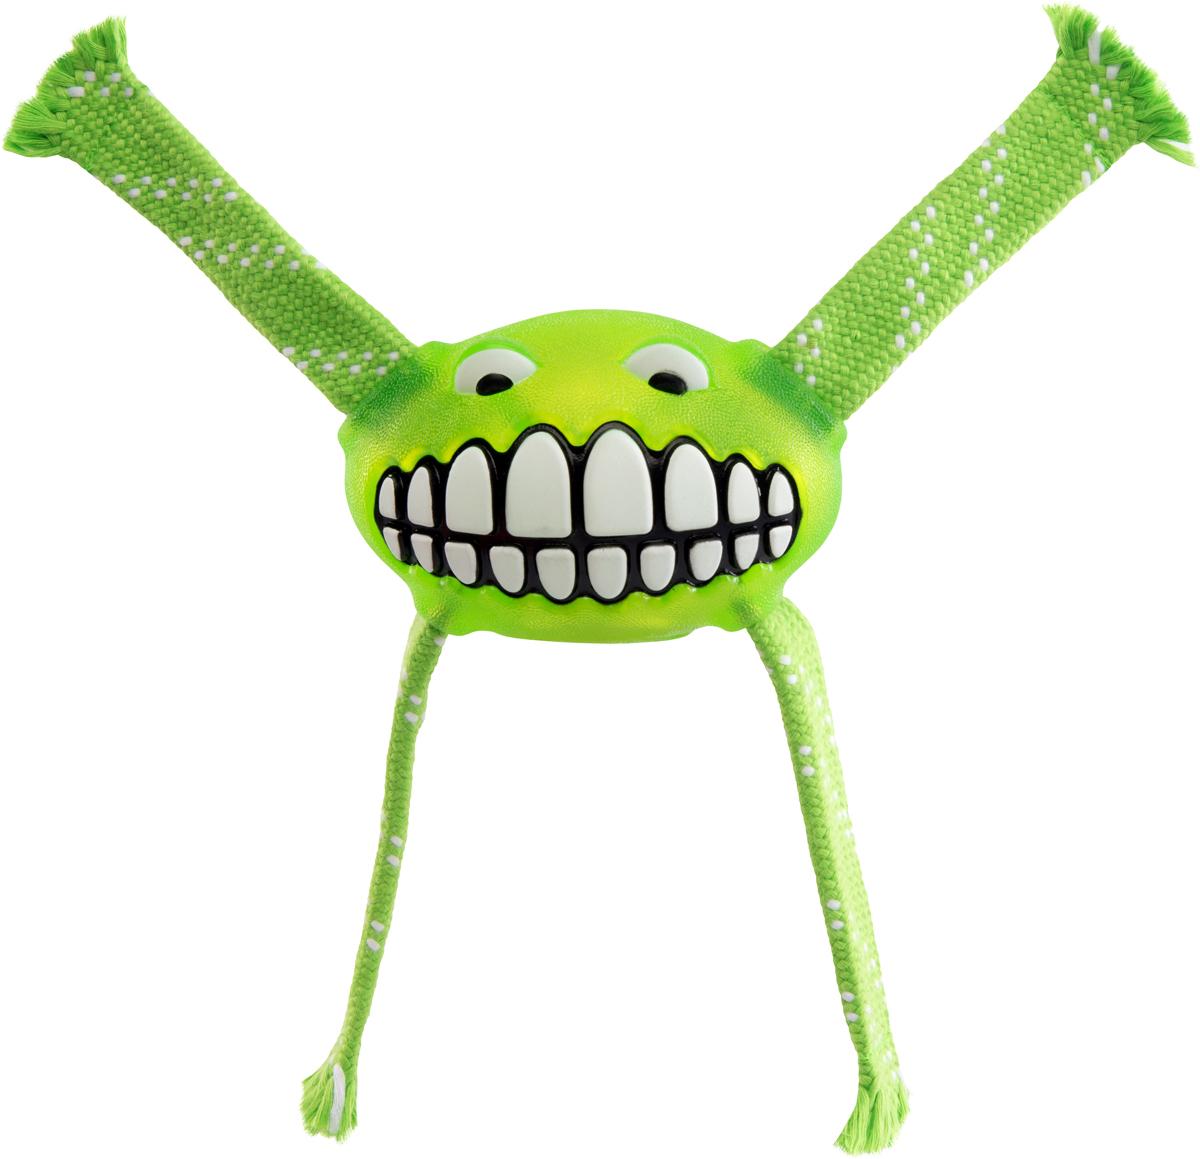 Игрушка для собак Rogz  Flossy Grinz. Зубы , цвет: лайм, длина 24 см - Игрушки